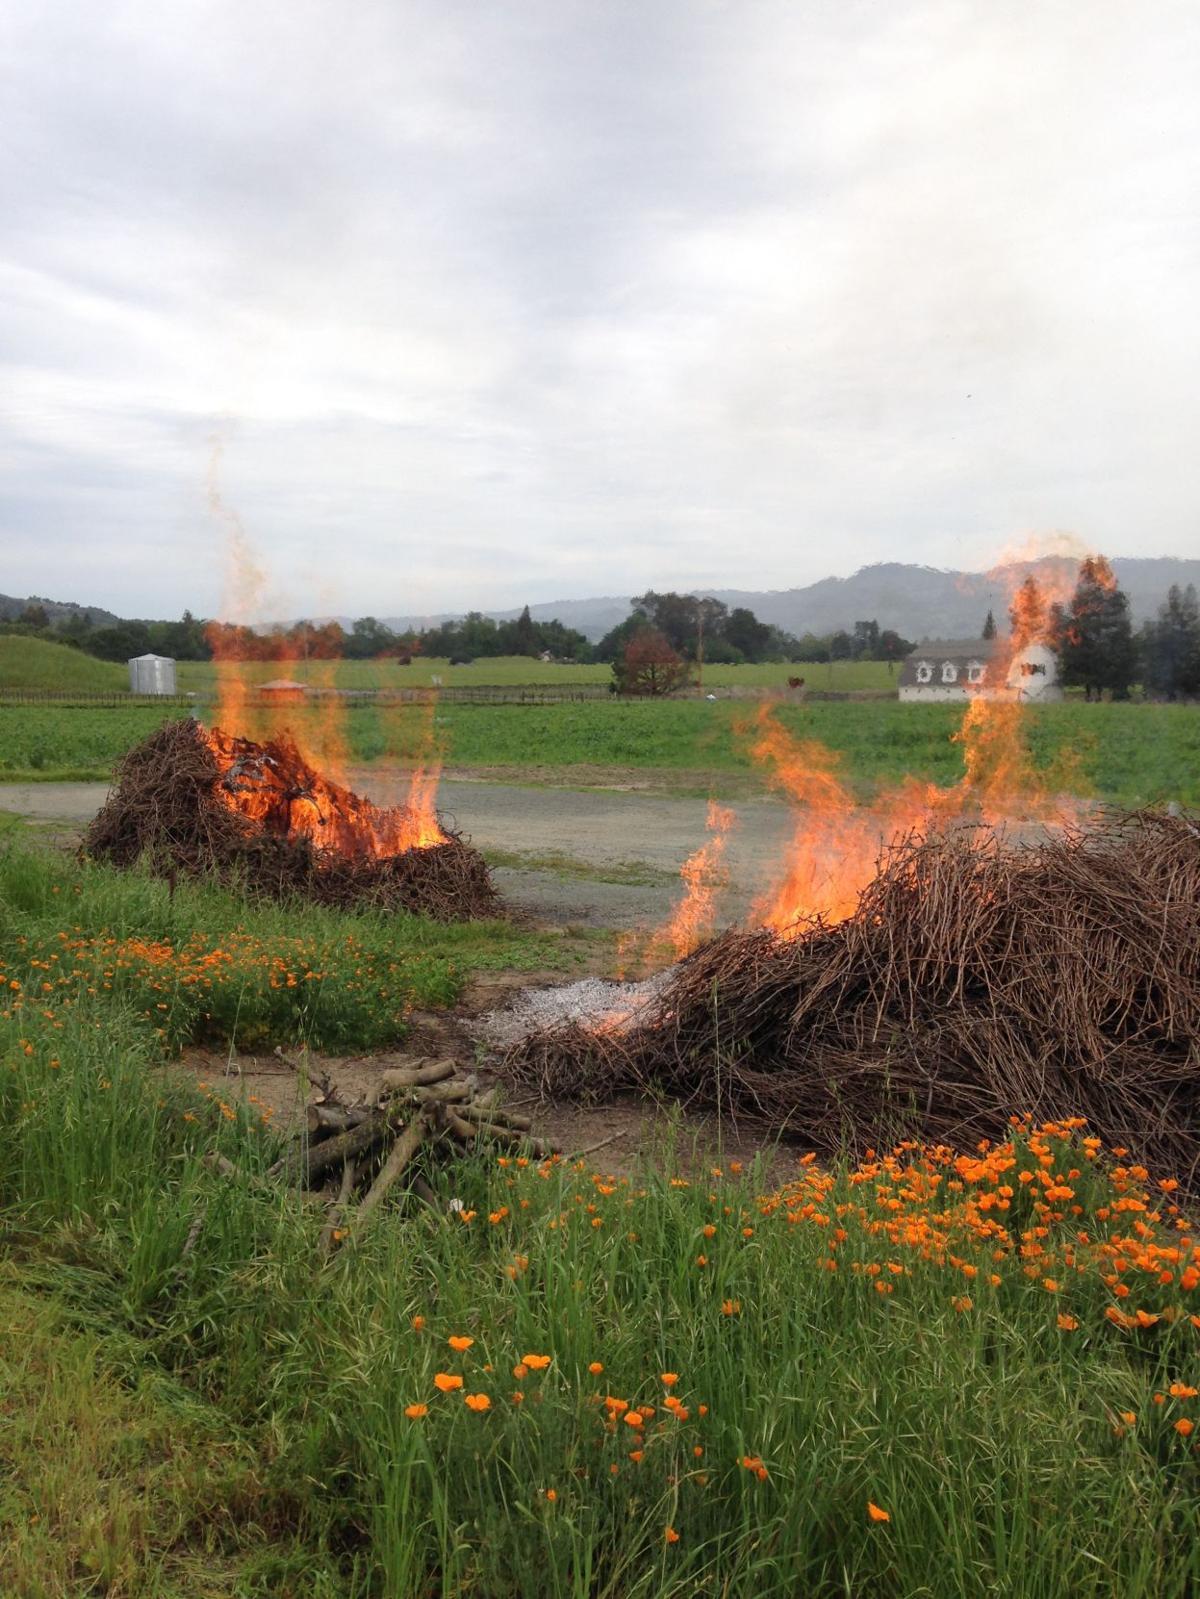 Low-smoke vineyard burning